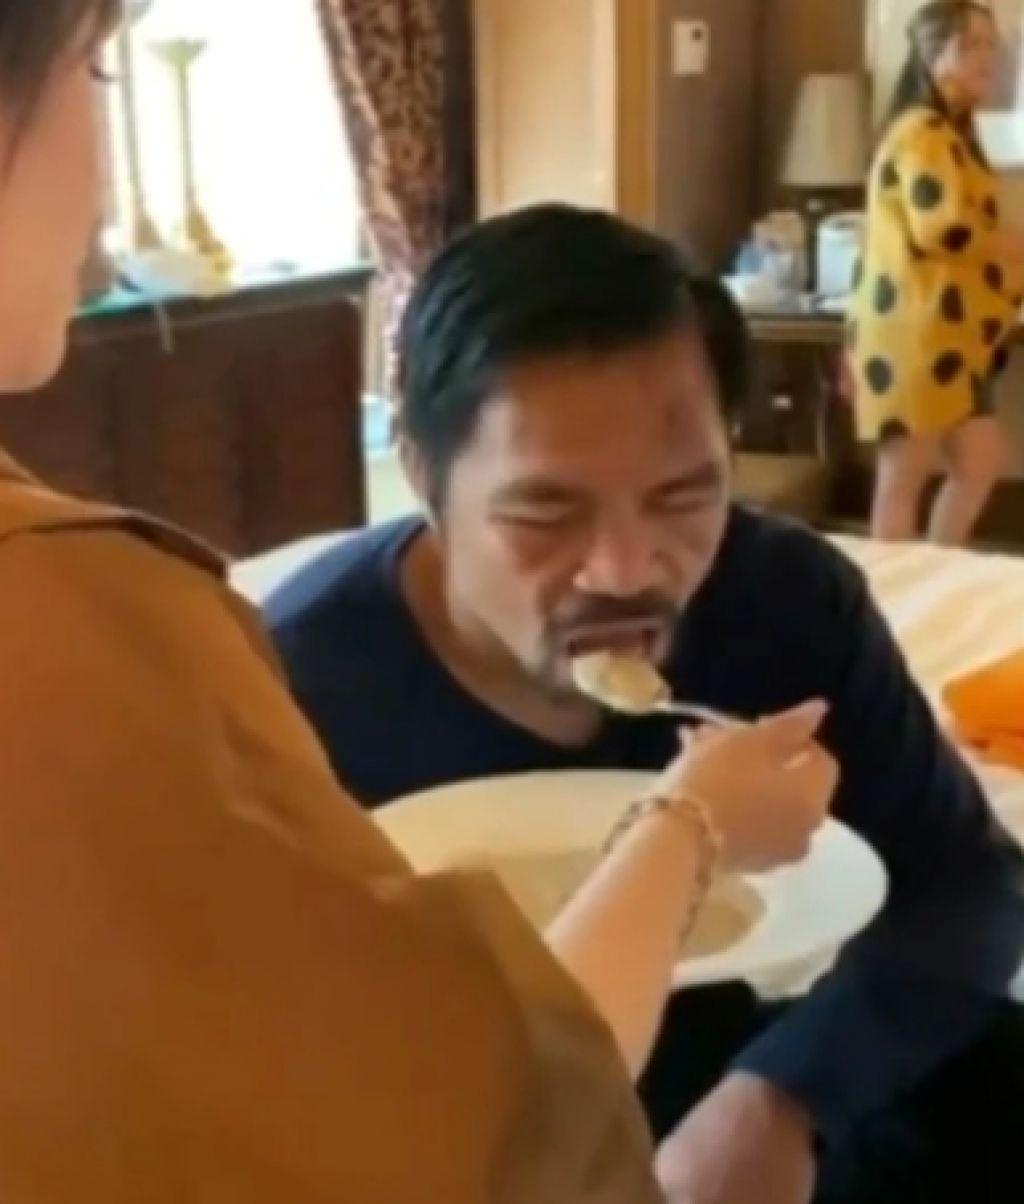 ปาเกียว ให้ภรรยาป้อนข้าว